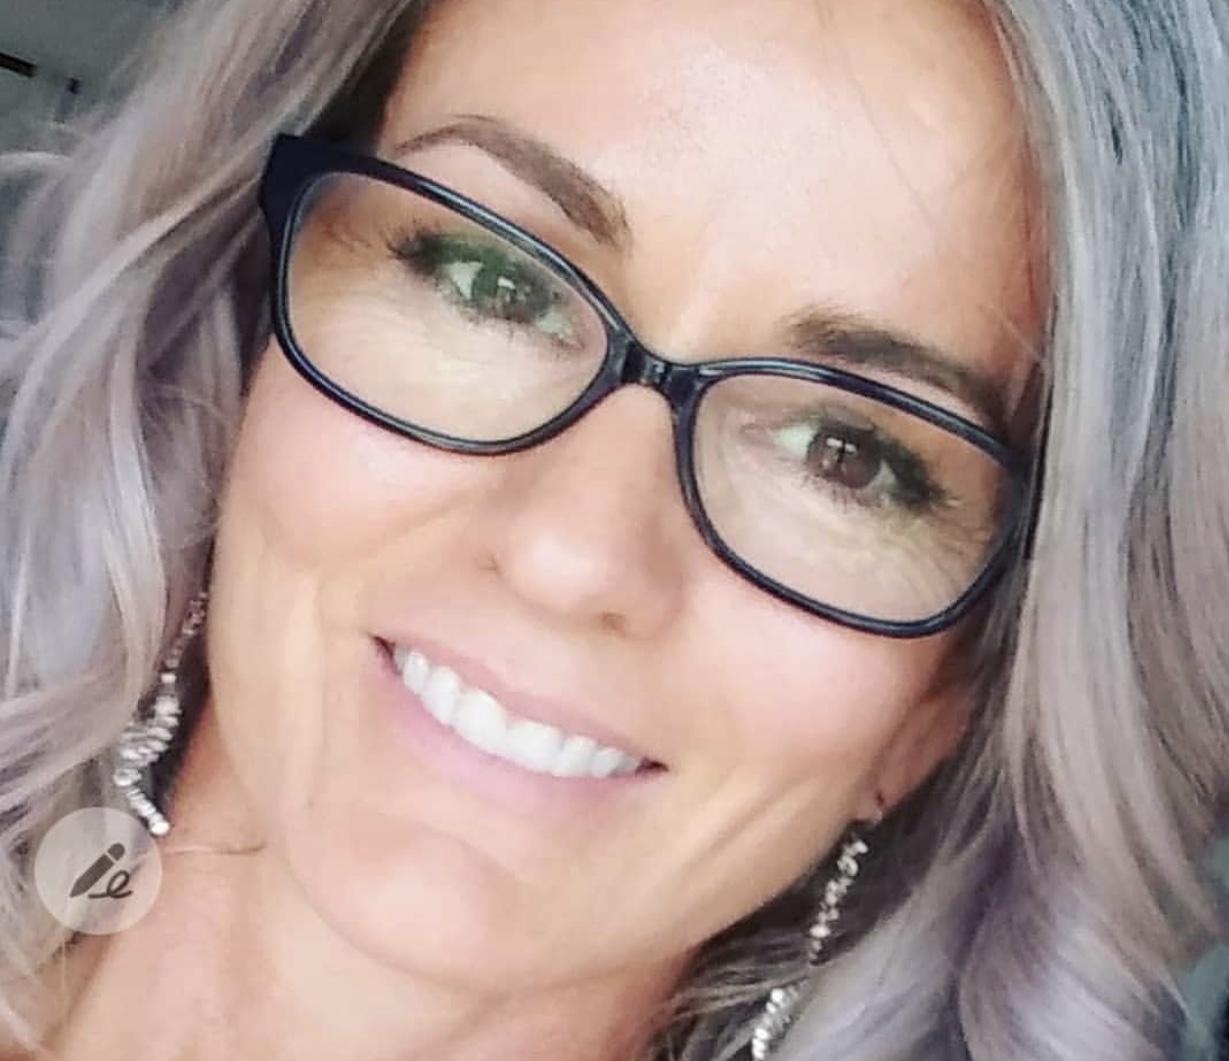 La modelo de 50 años que arrasa con sus sensuales fotos en Instagram